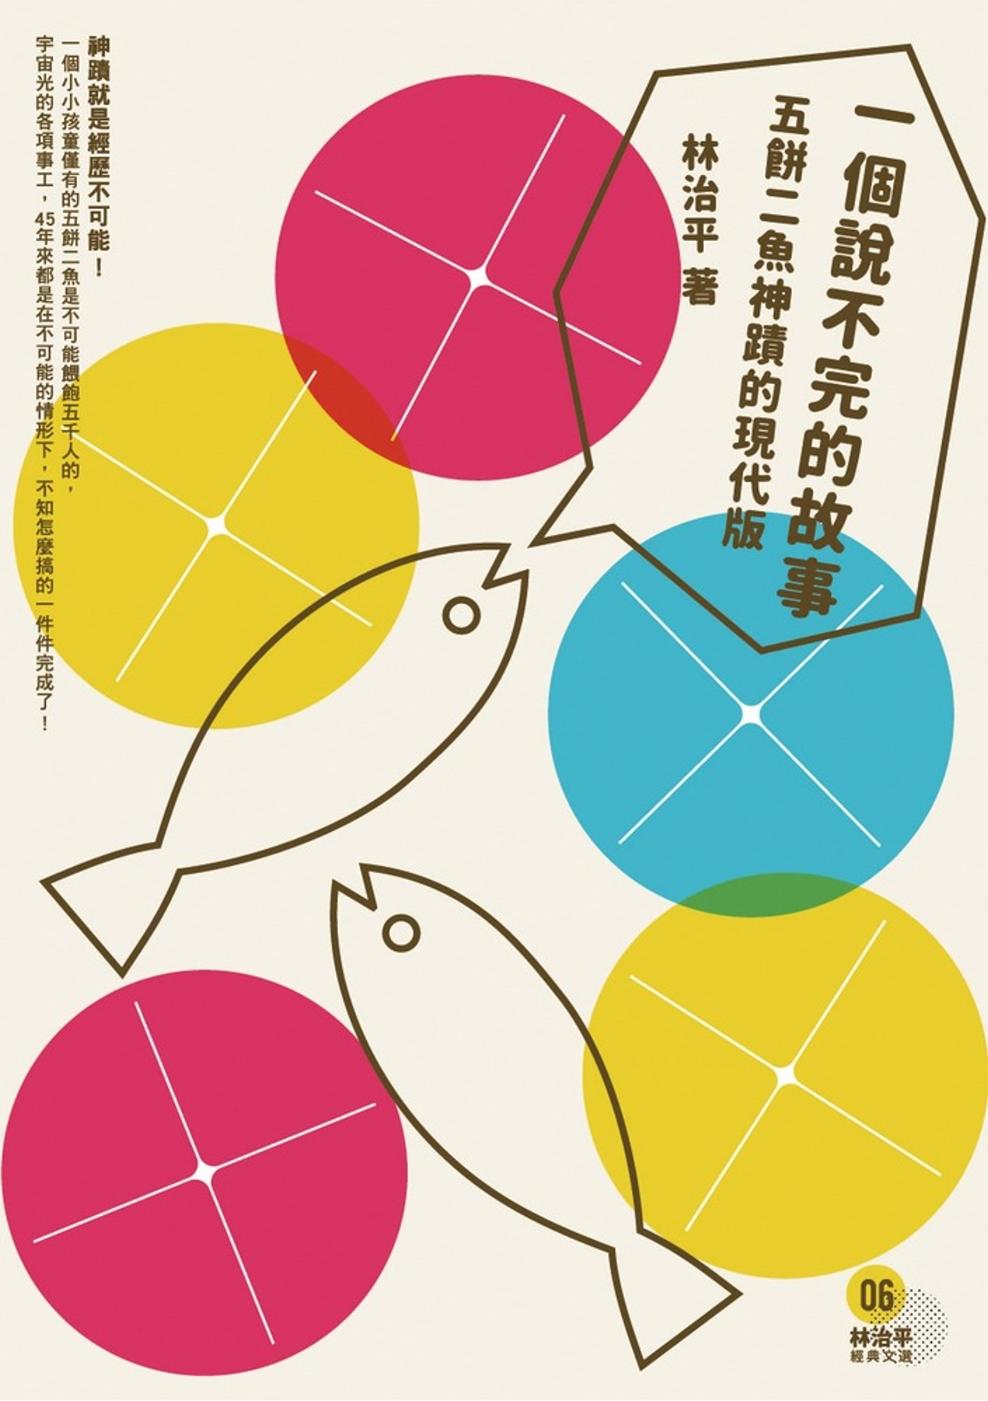 一個說不完的故事:五餅二魚的神蹟現代版